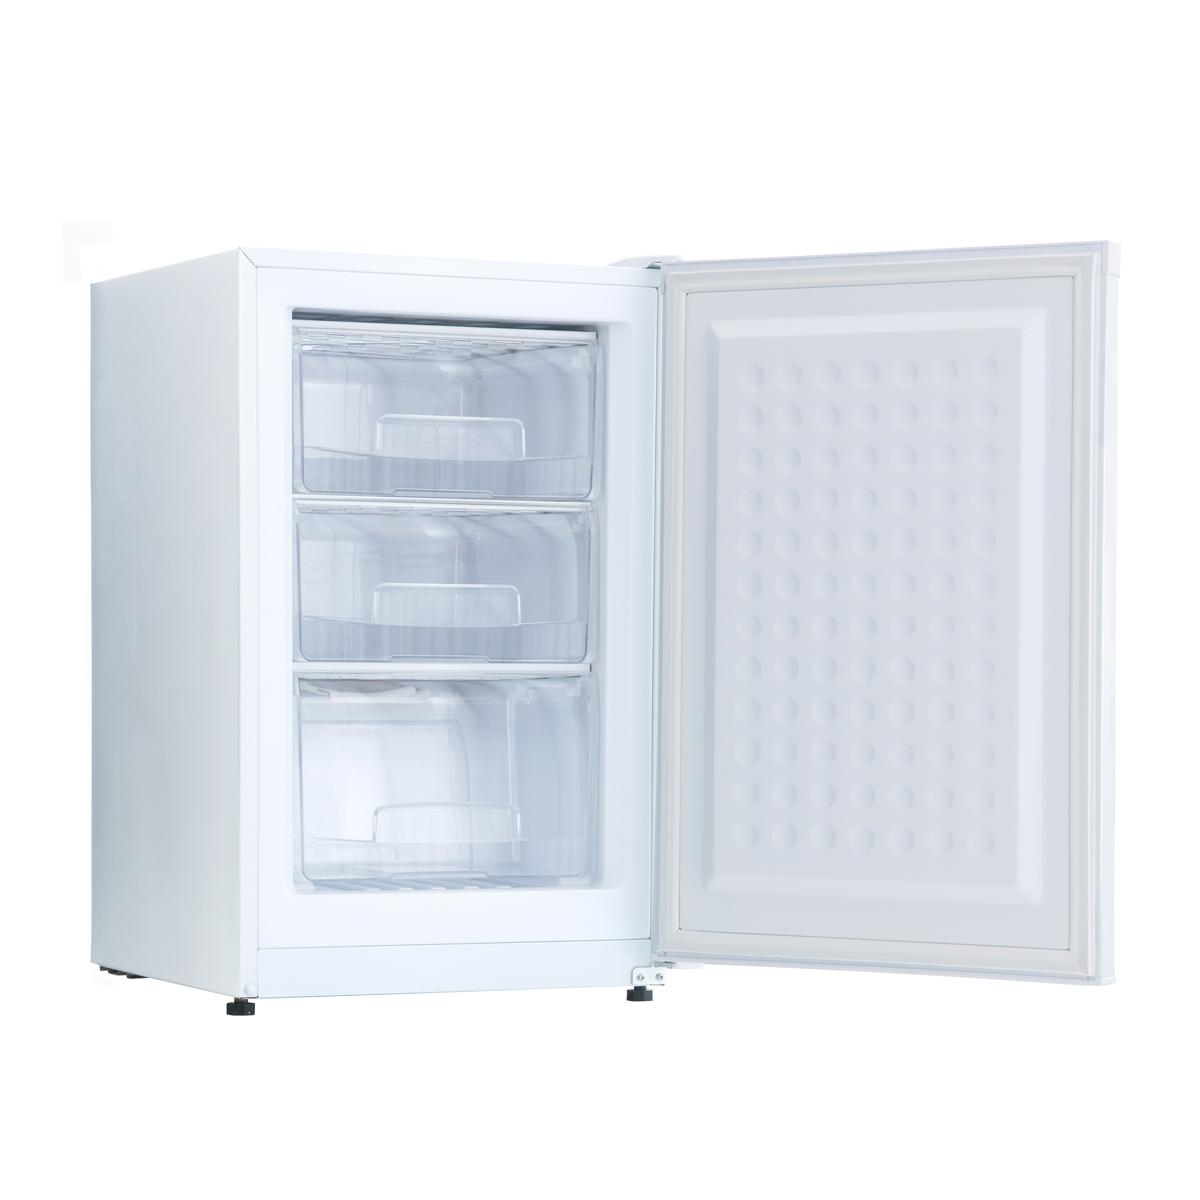 冷凍庫 フリーザー 冷凍ストッカー キッチン家電 冷凍食品 作り置き おかず 静音 商品 スリム 大容量 たっぷり収納できるからまとめ買いもOK 食品の大量ストックにおすすめ 小型 家庭用 82L 前開き 3段引き出し シンプル 2020秋冬新作 AR-BD86-NW 新生活 ホワイト 白 ミニ冷凍庫 まとめ買い アレジア ギフト ALLEGiA 一人暮らし 備蓄 小型冷凍庫 業務用 右開き